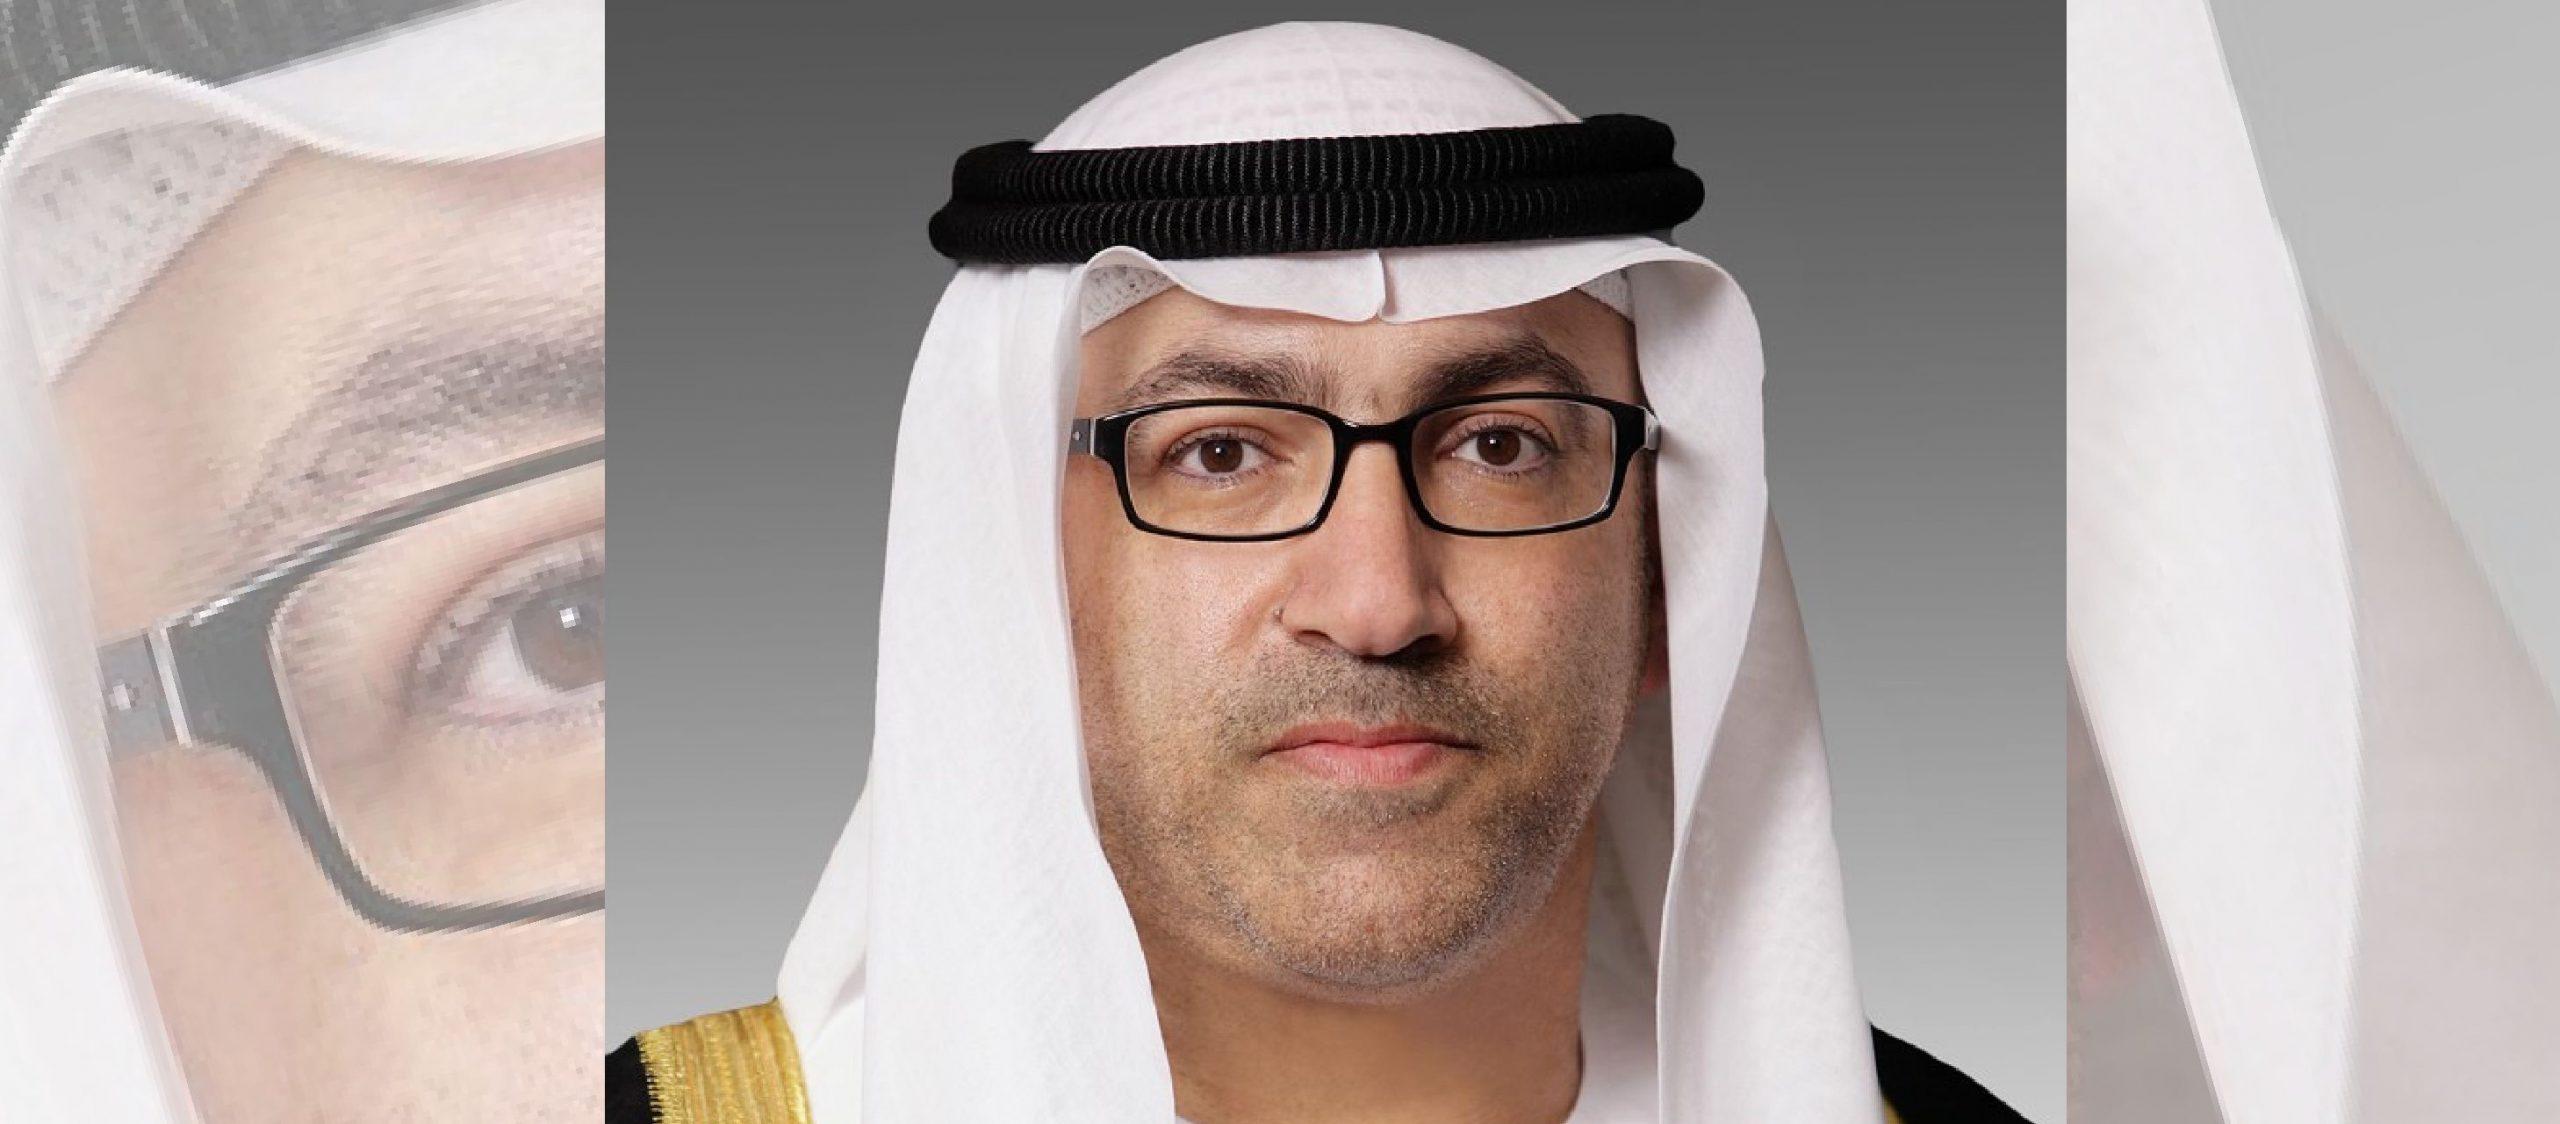 مركز محمد بن راشد للأبحاث الطبية يعزز سمعة الإمارات كدولة فاعلة في المشهد العالمي الطبي